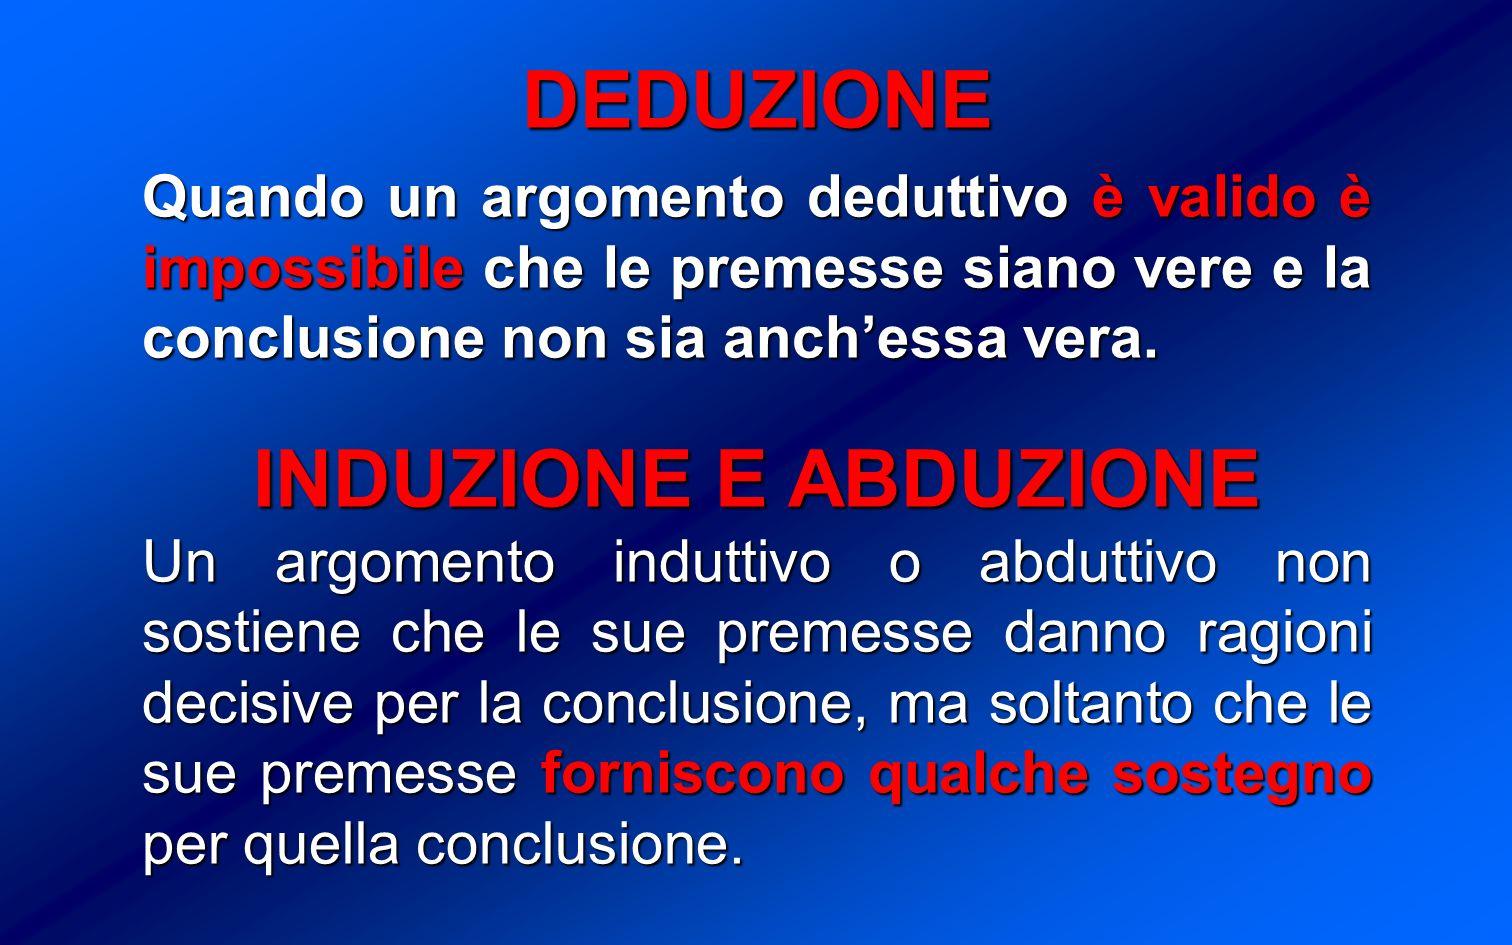 DEDUZIONE Quando un argomento deduttivo è valido è impossibile che le premesse siano vere e la conclusione non sia anchessa vera.